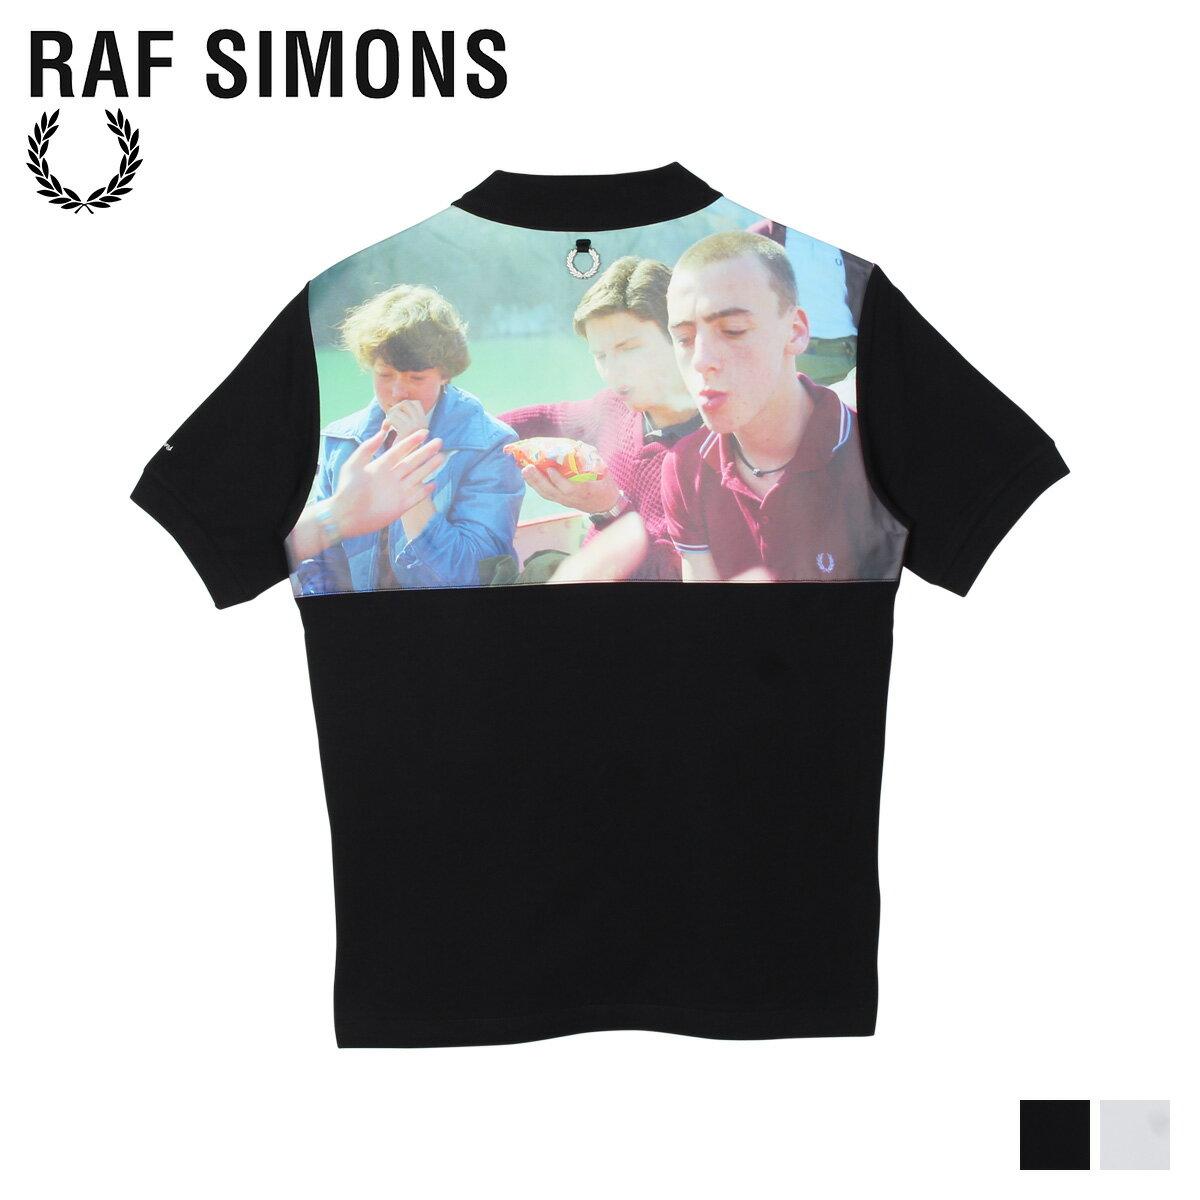 メンズウェア, ポロシャツ  FRED PERRY RAF SIMONS YOKE PRINT POLO SM8127